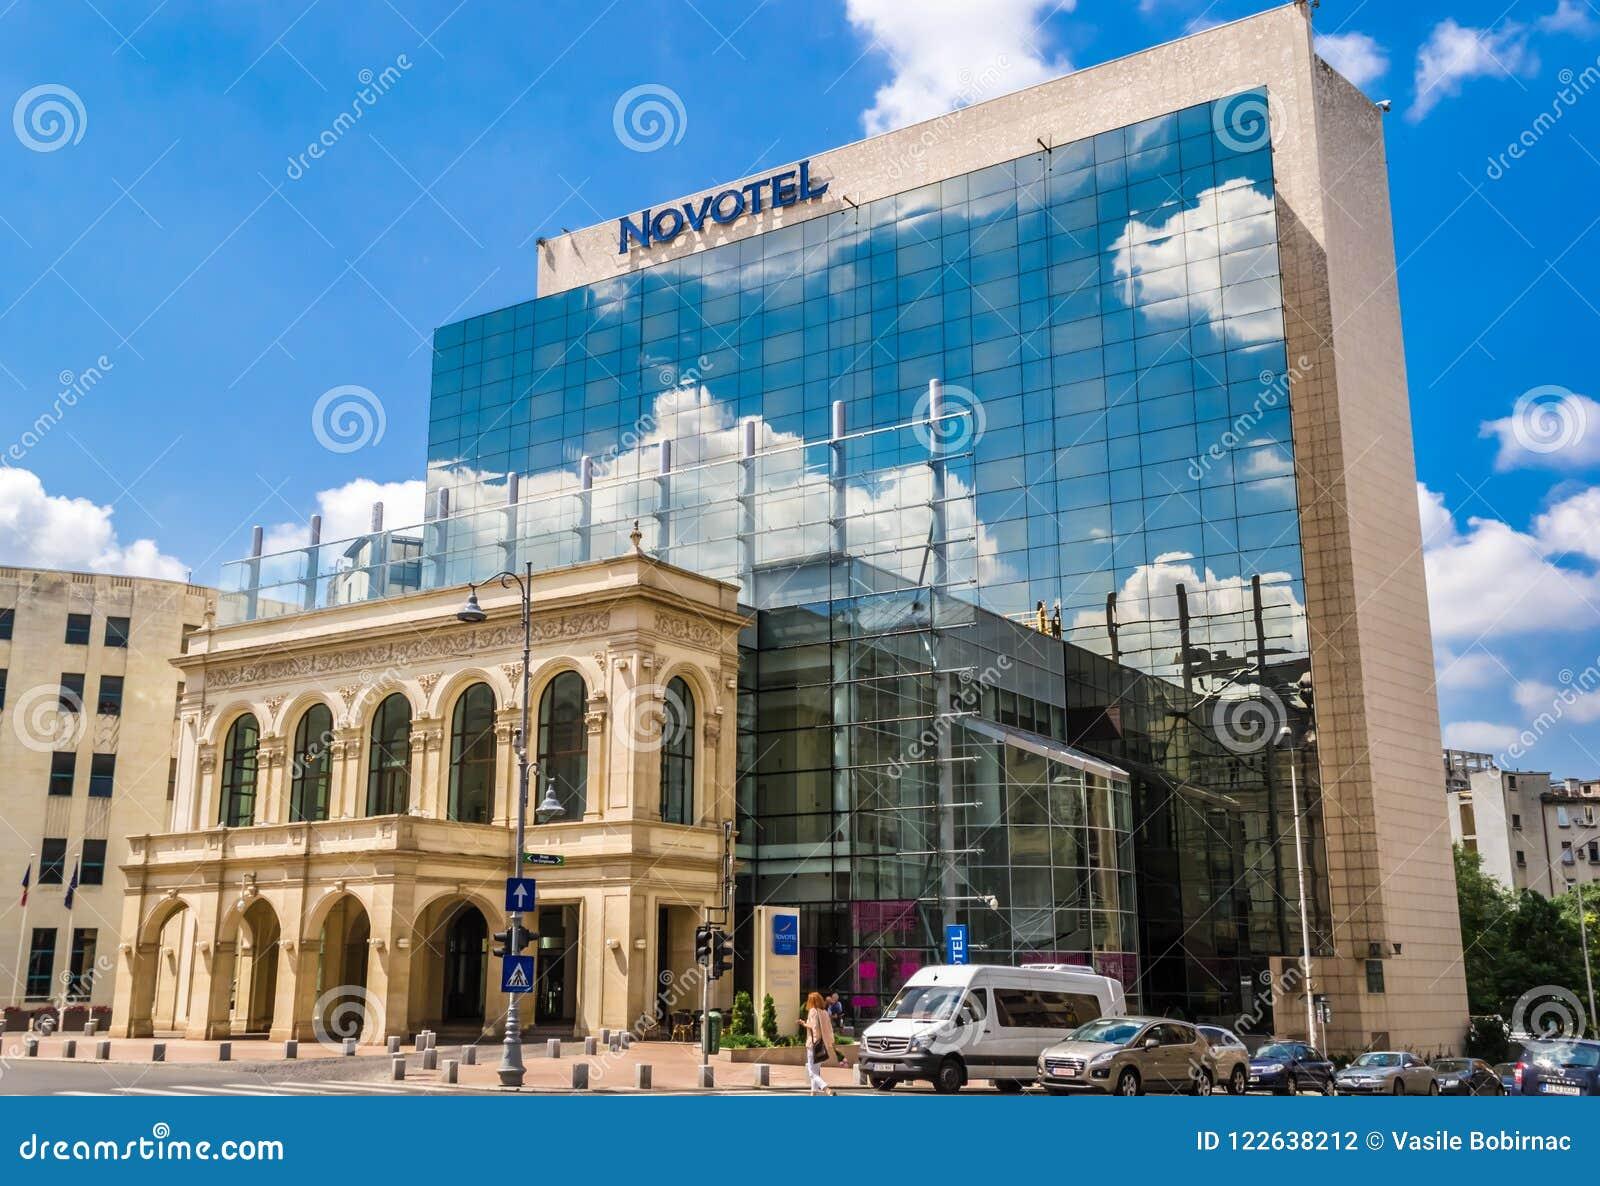 Novotel hotell